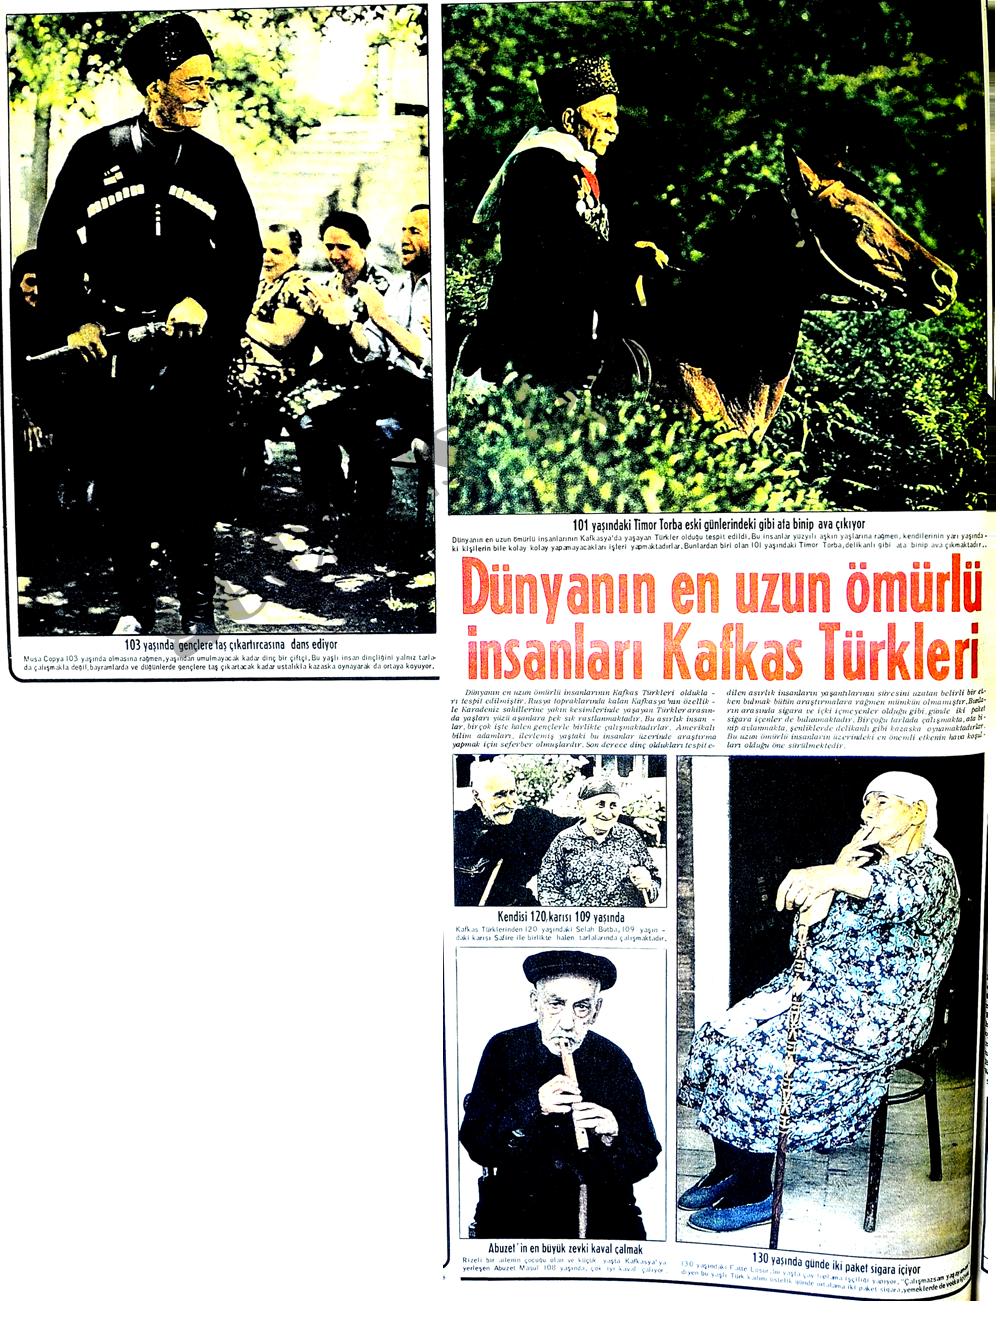 Dünyanın en uzun ömürlü Kafkas Türkleri